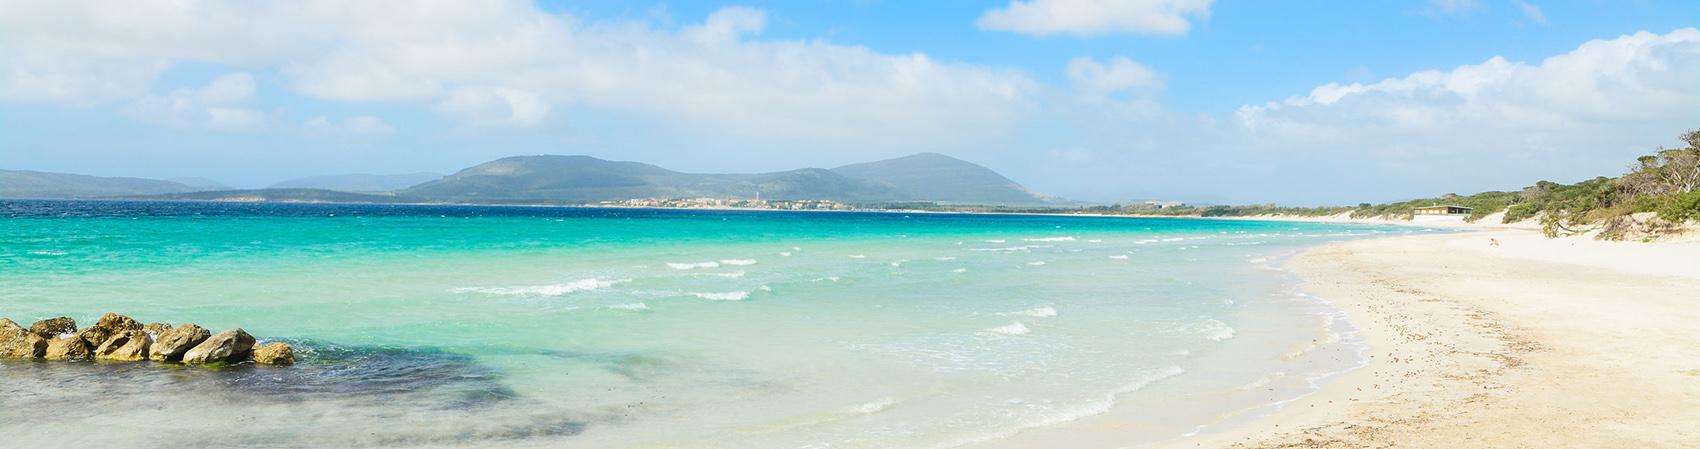 Spiaggia di Maria Pia, Alghero Sardegna